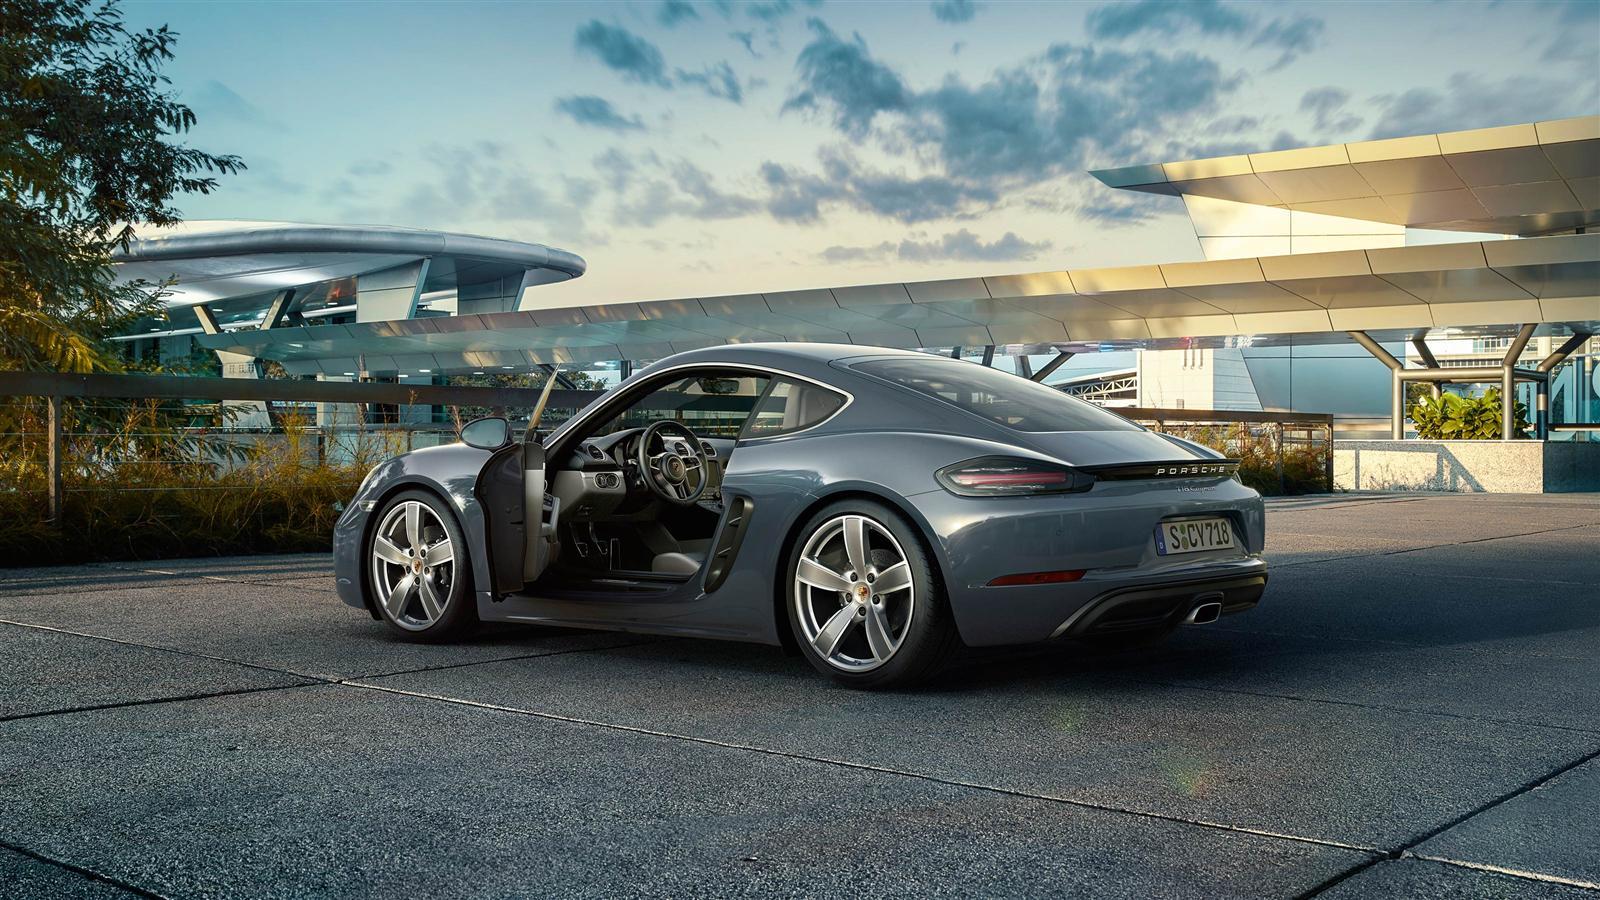 Pre Owned Porsche >> Porsche 718 Cayman | Niello Porsche | Rocklin California Porsche Dealer | Sacramento